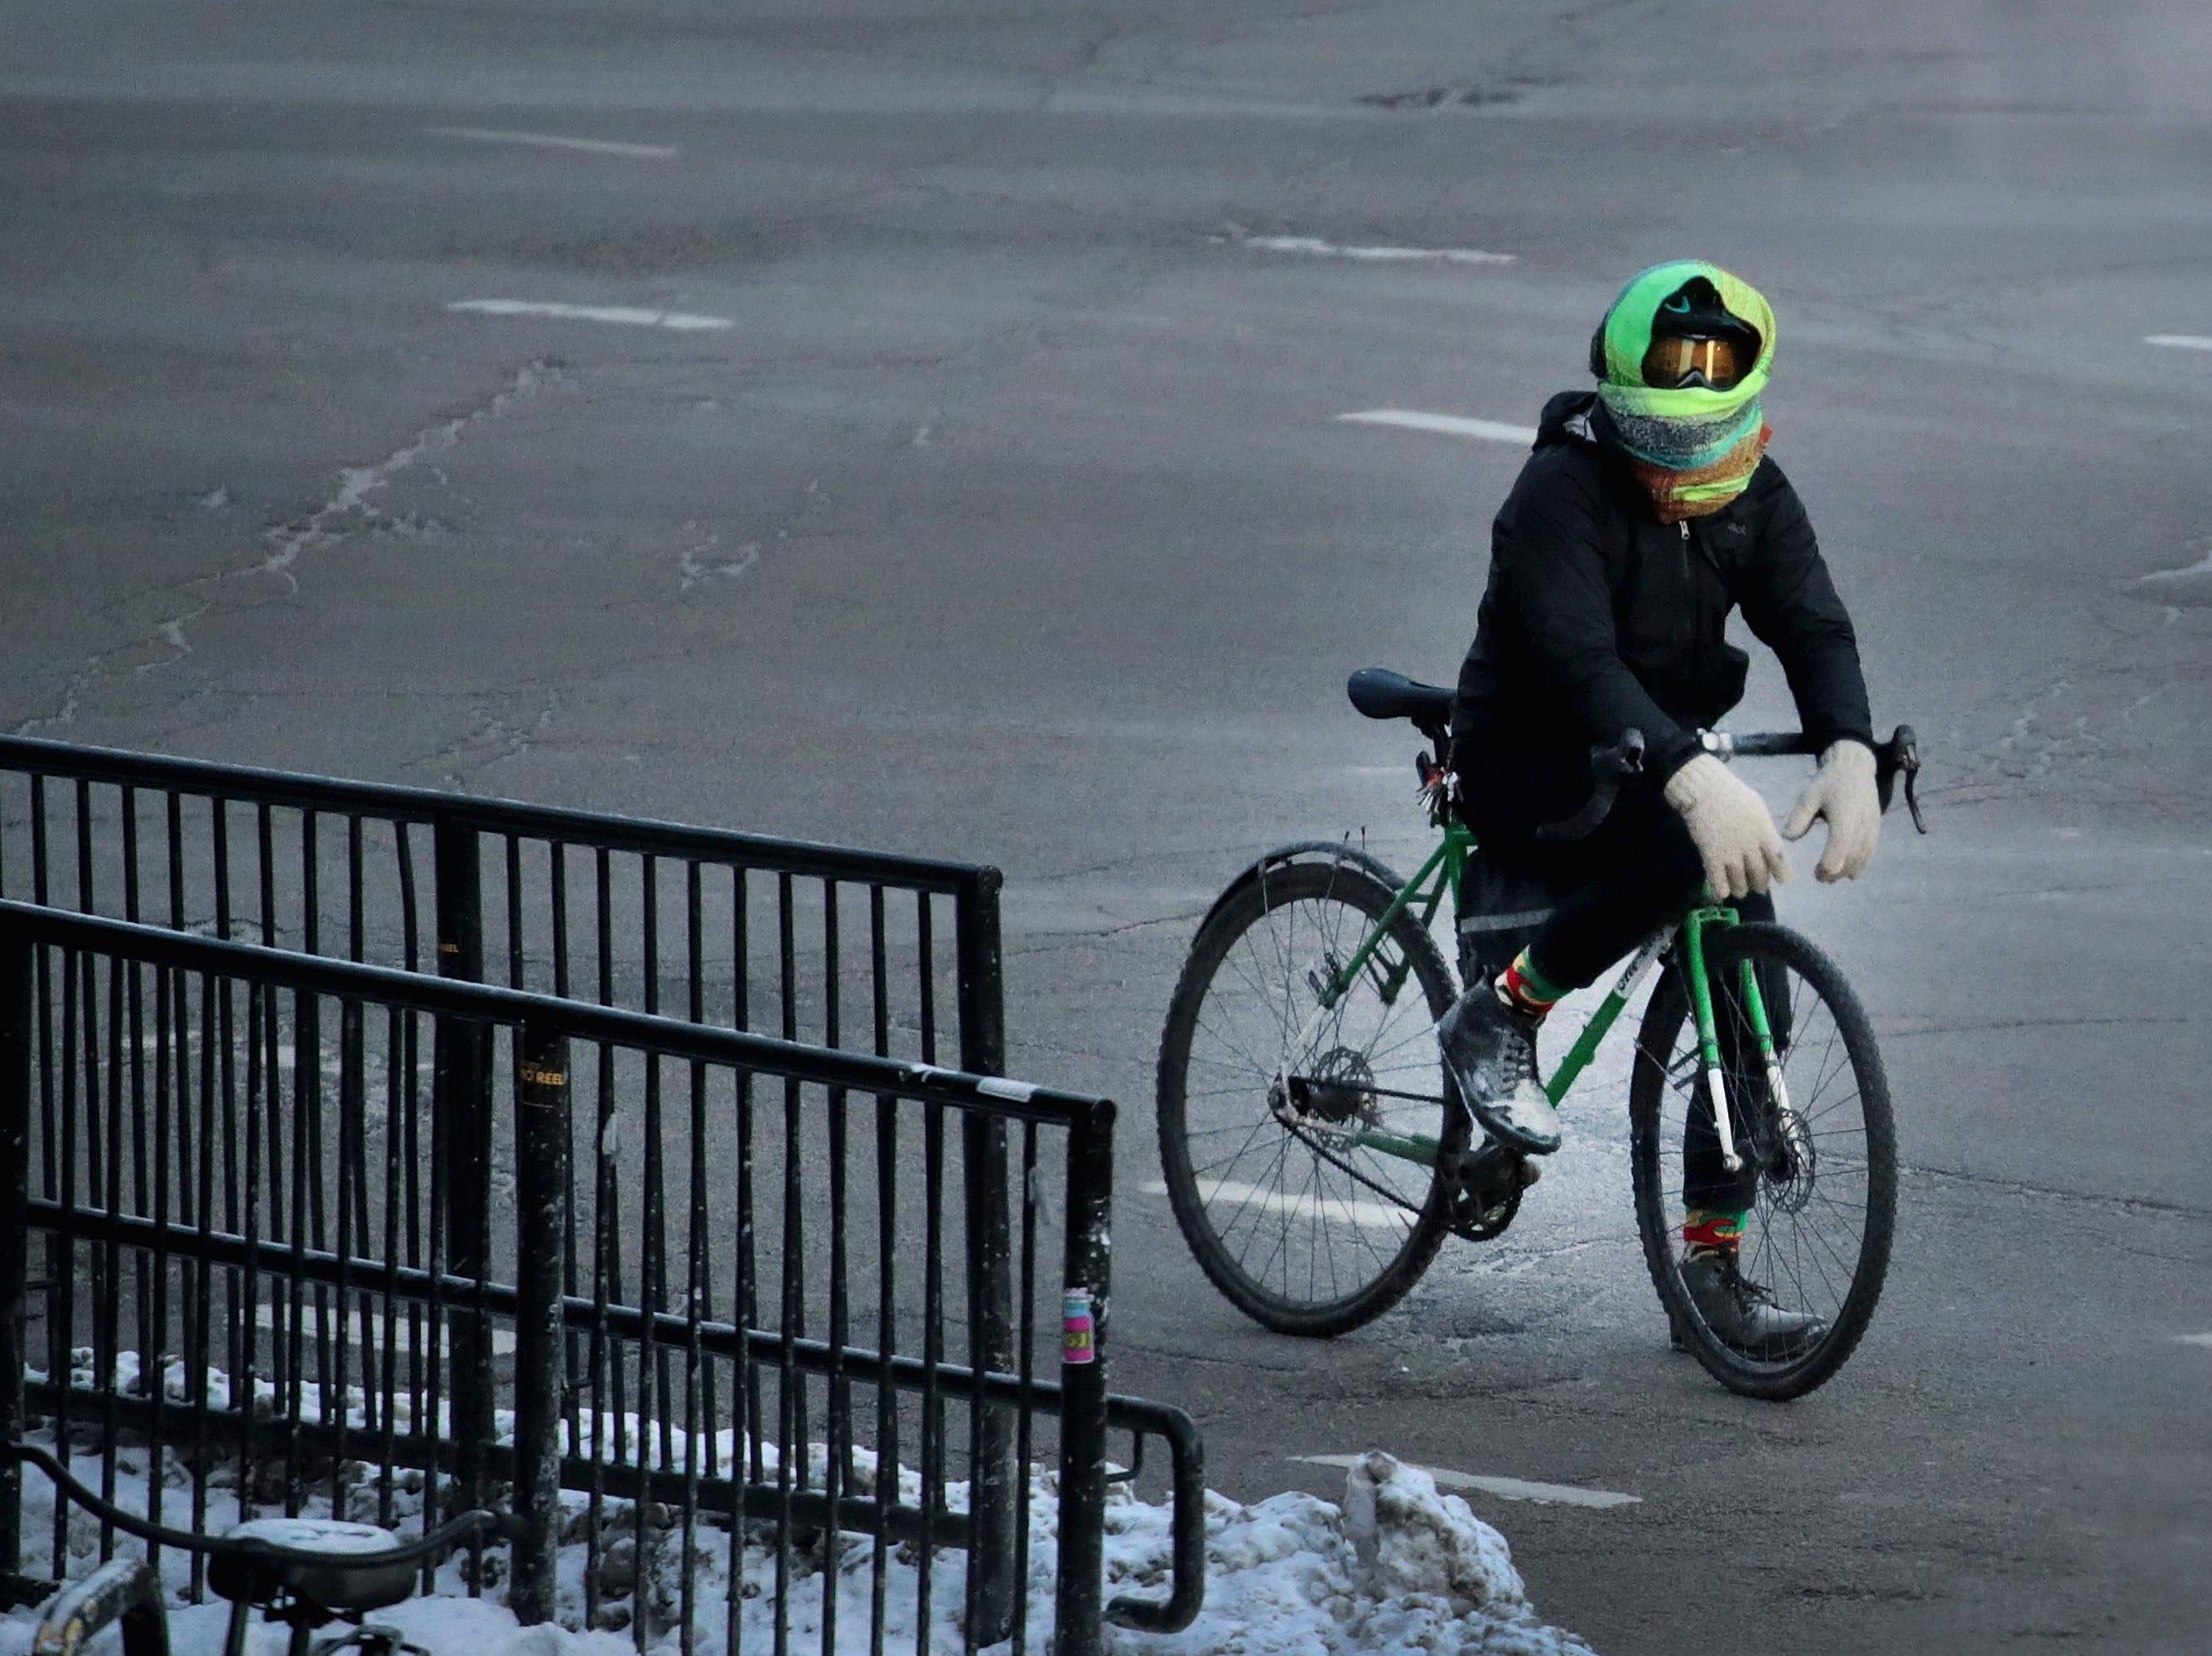 Un ciclista espera para que cambie un semáforo el 30 de enero de 2019 en Chicago, Illinois a temperaturas bajo cero.